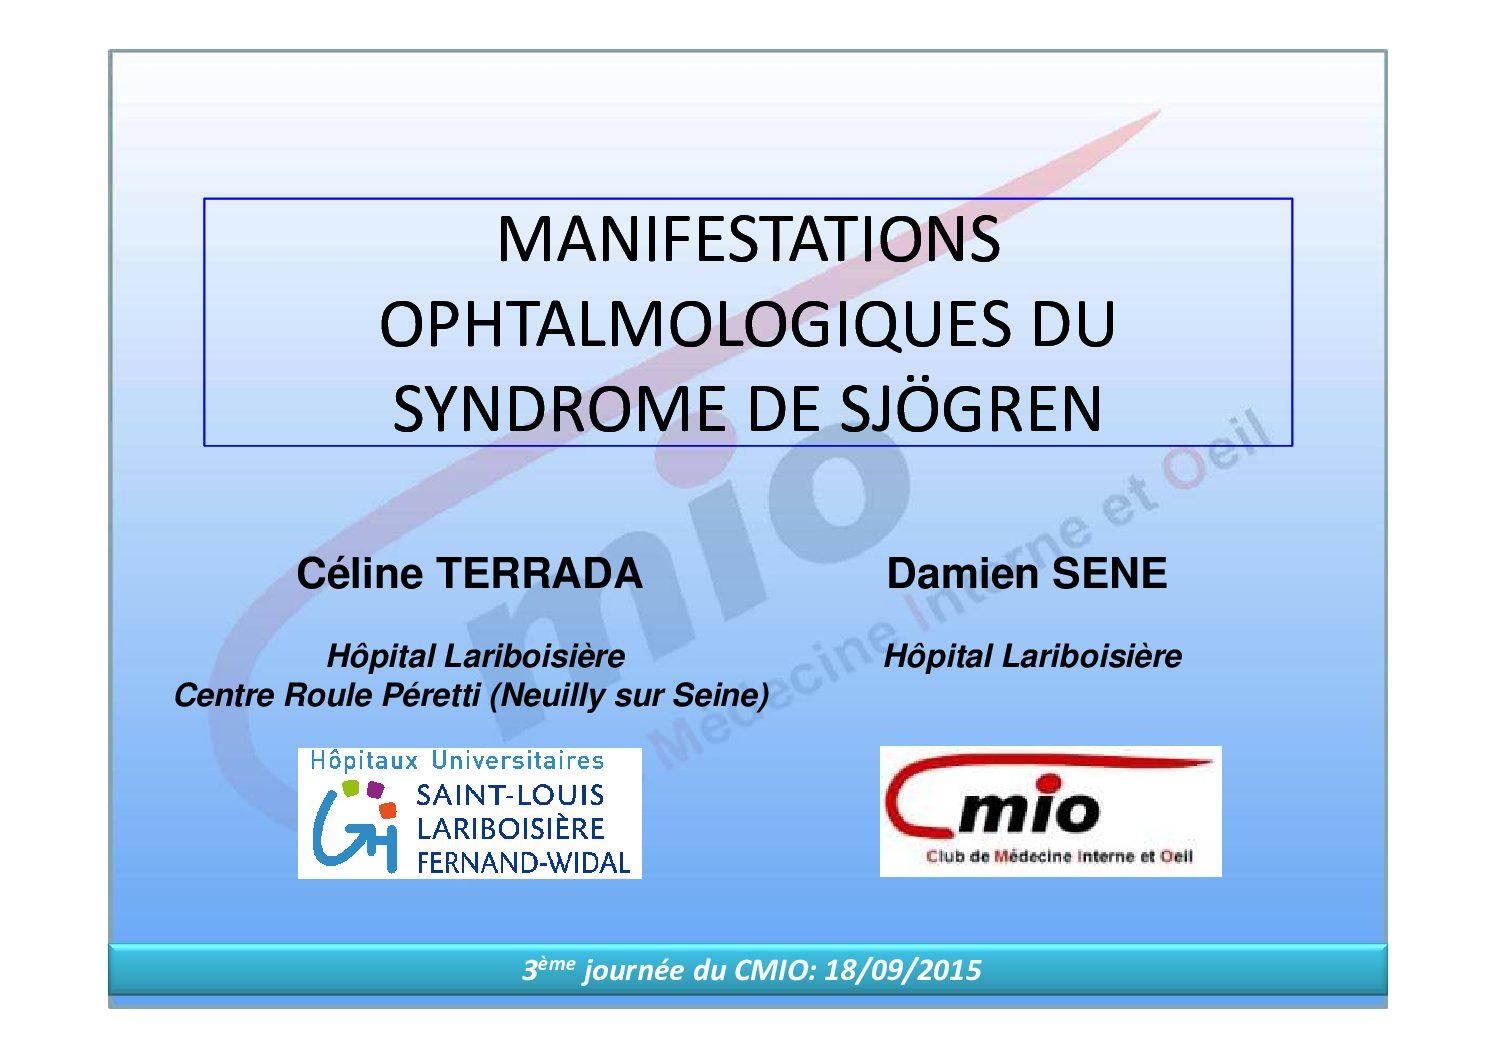 Manifestations ophtalmologiques du syndrome de Sjögren